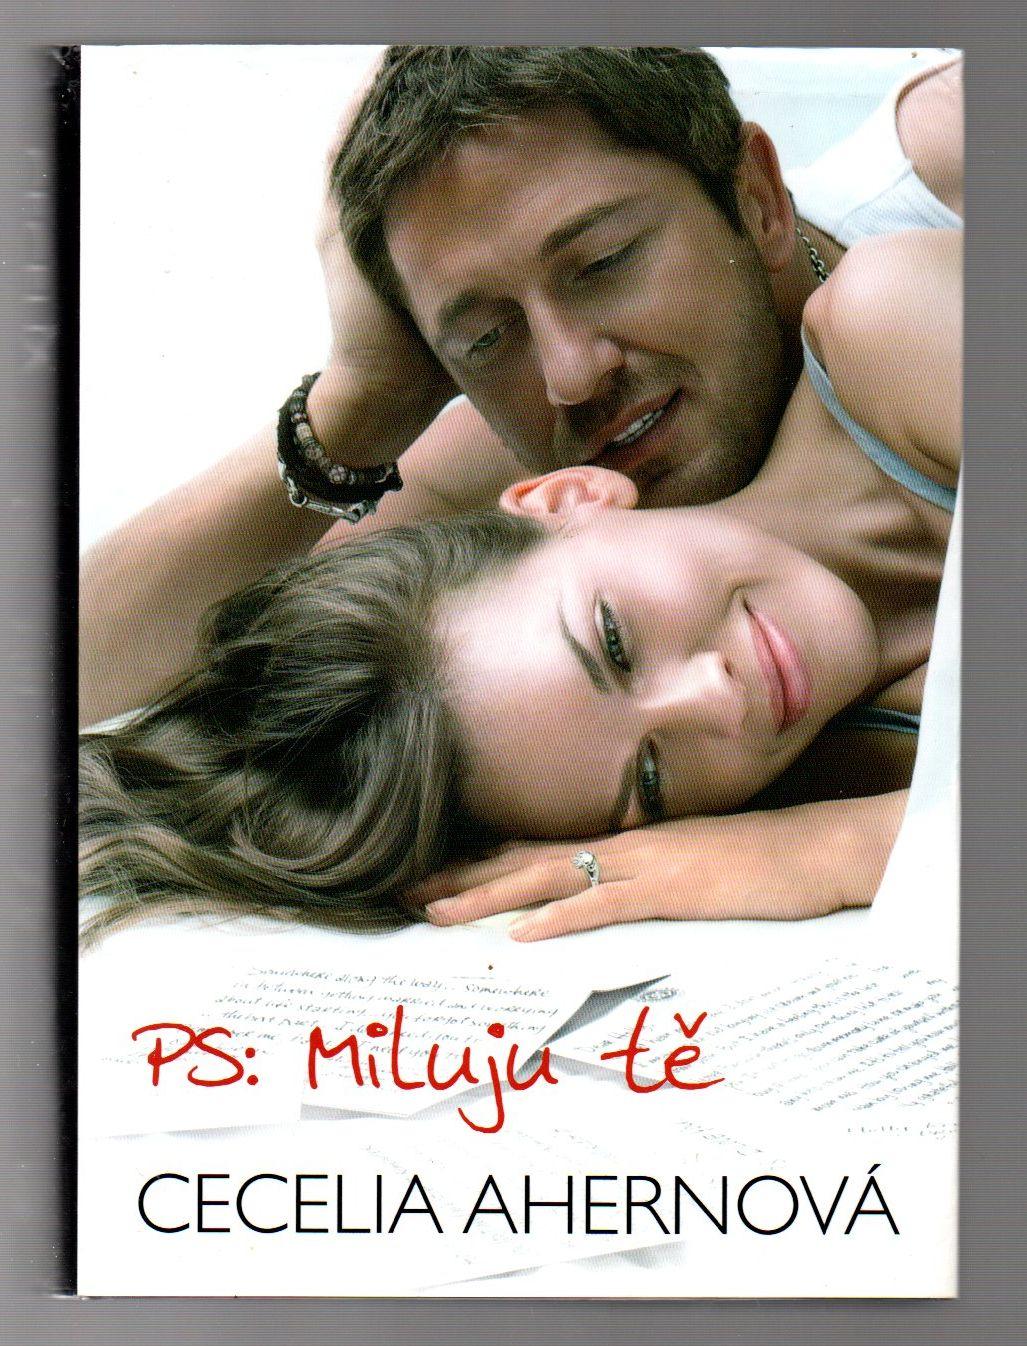 PS: Miluju tě - Cecelia Ahernová